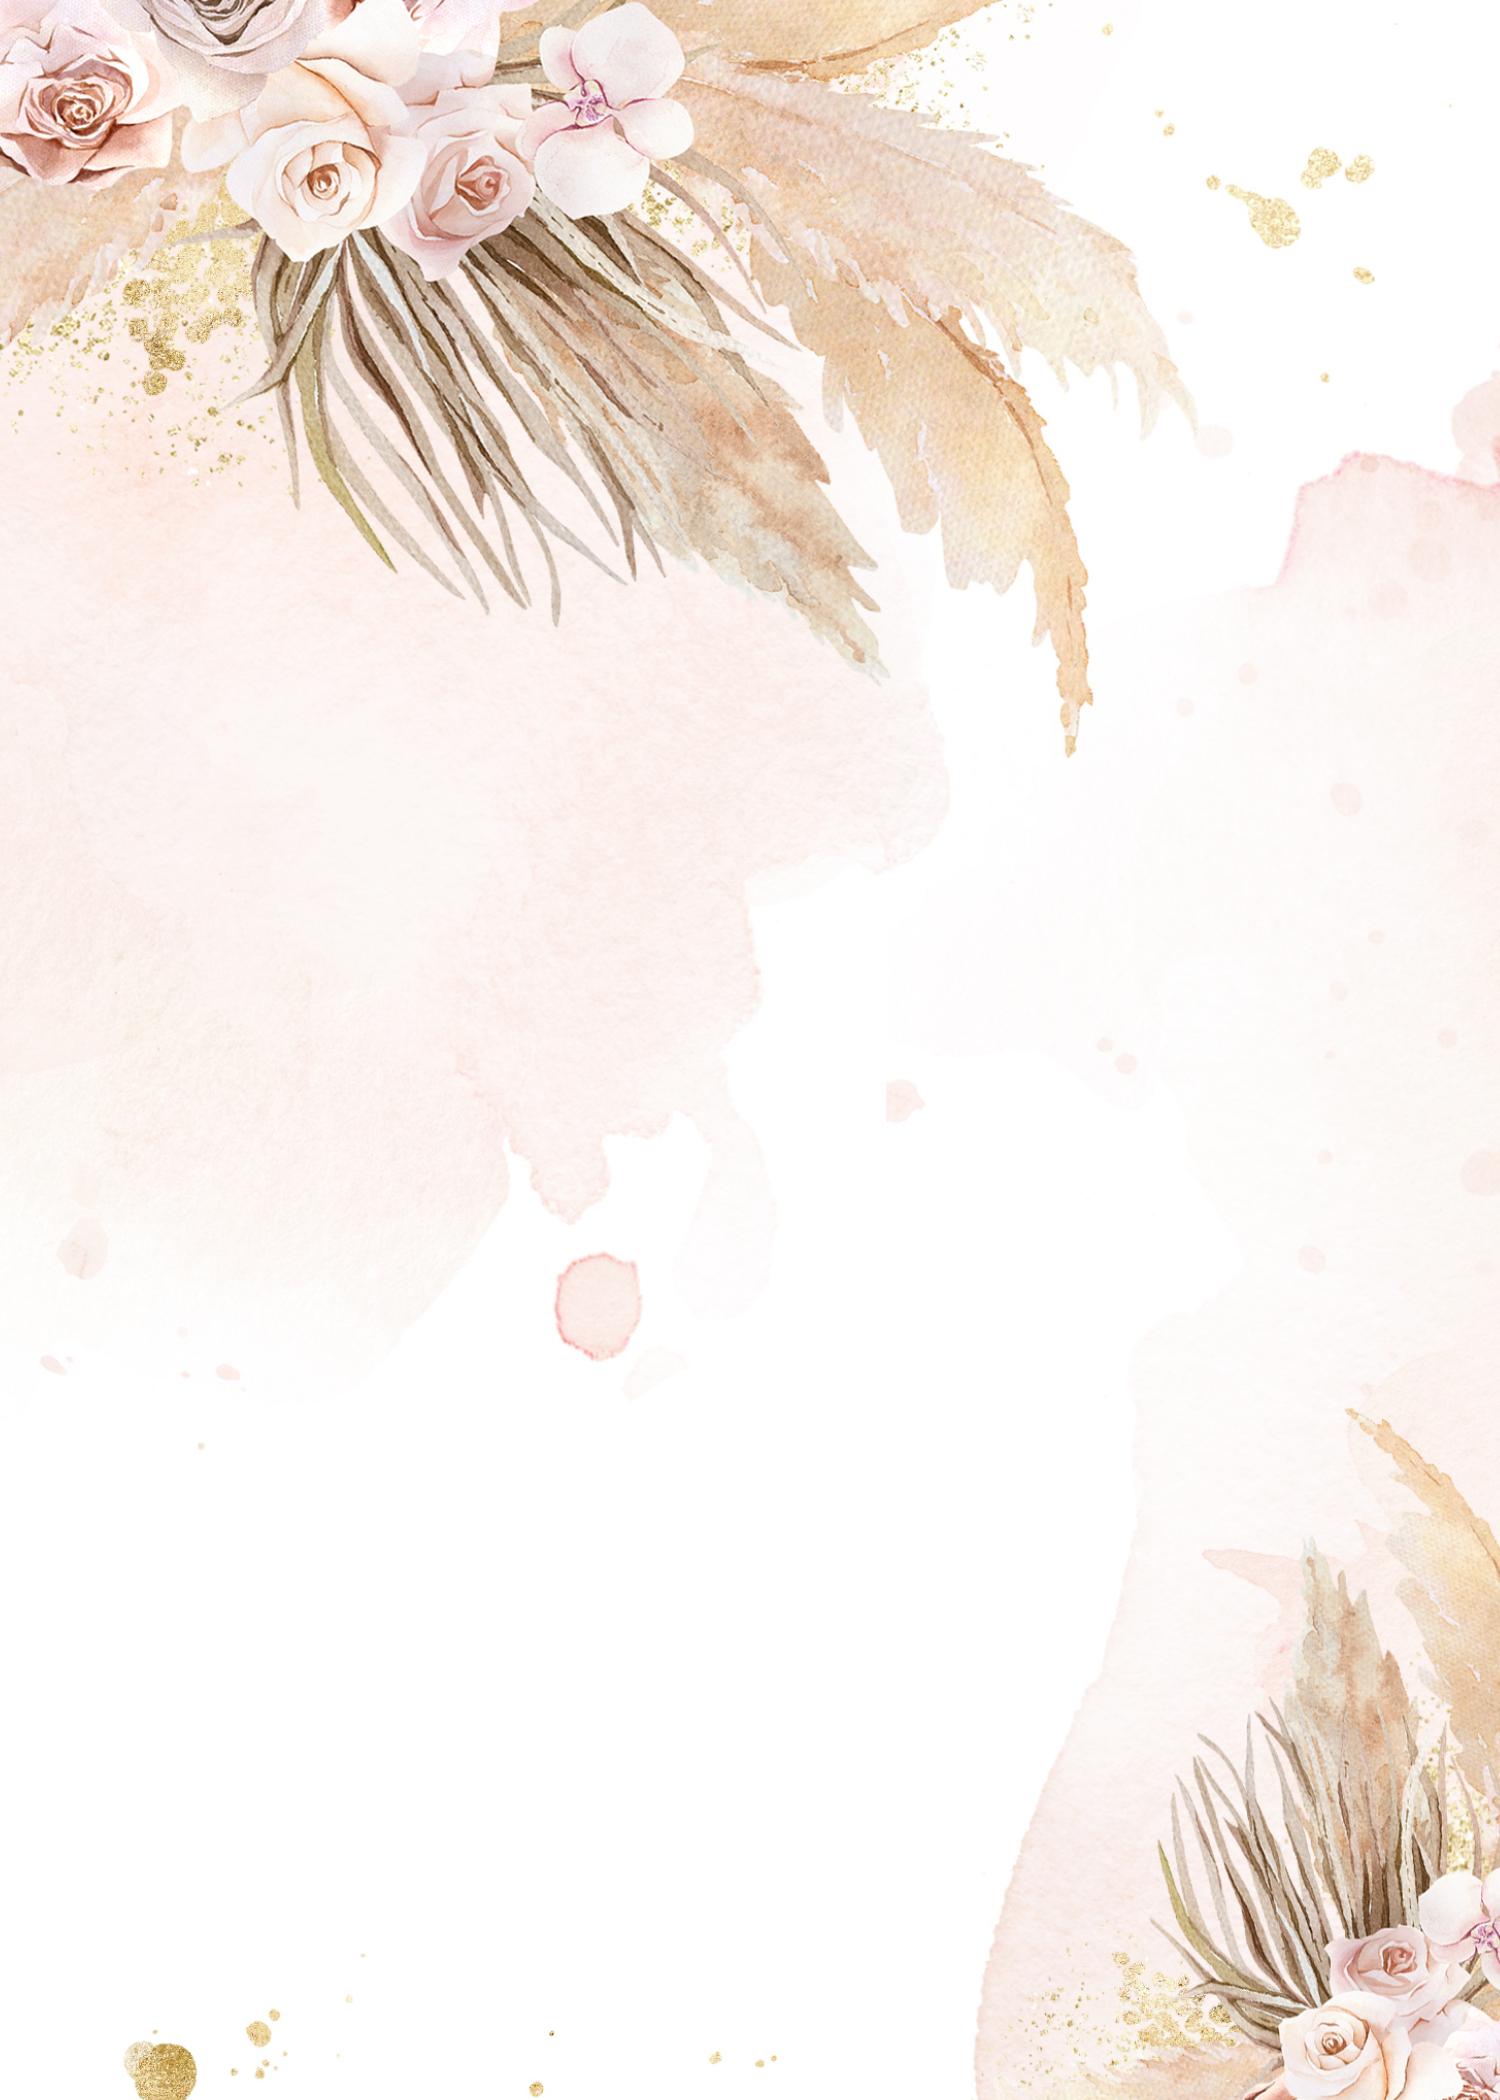 Конструктор свадебных пригласительных на свадьбу (бумажные / pdf / печать), конструктор банкетных карточек, конструктор свадебного конверта.